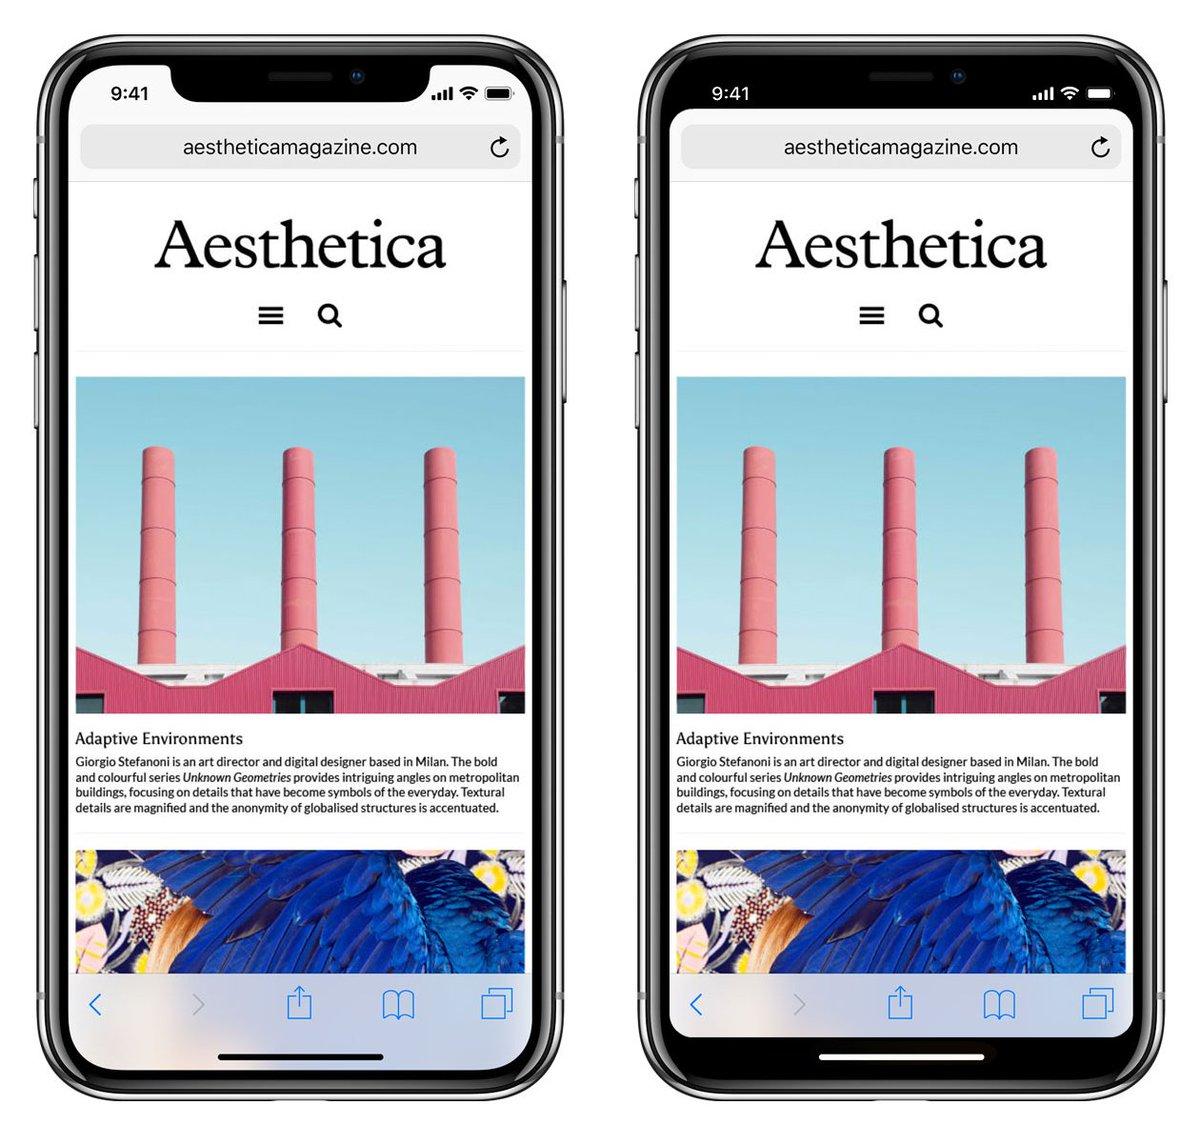 右边的设计更舒服。不过人性就是喜新厌旧,右边的设计更无聊。图片来自 @ChrisPirillo https://t.co/JG93XNCV54 1